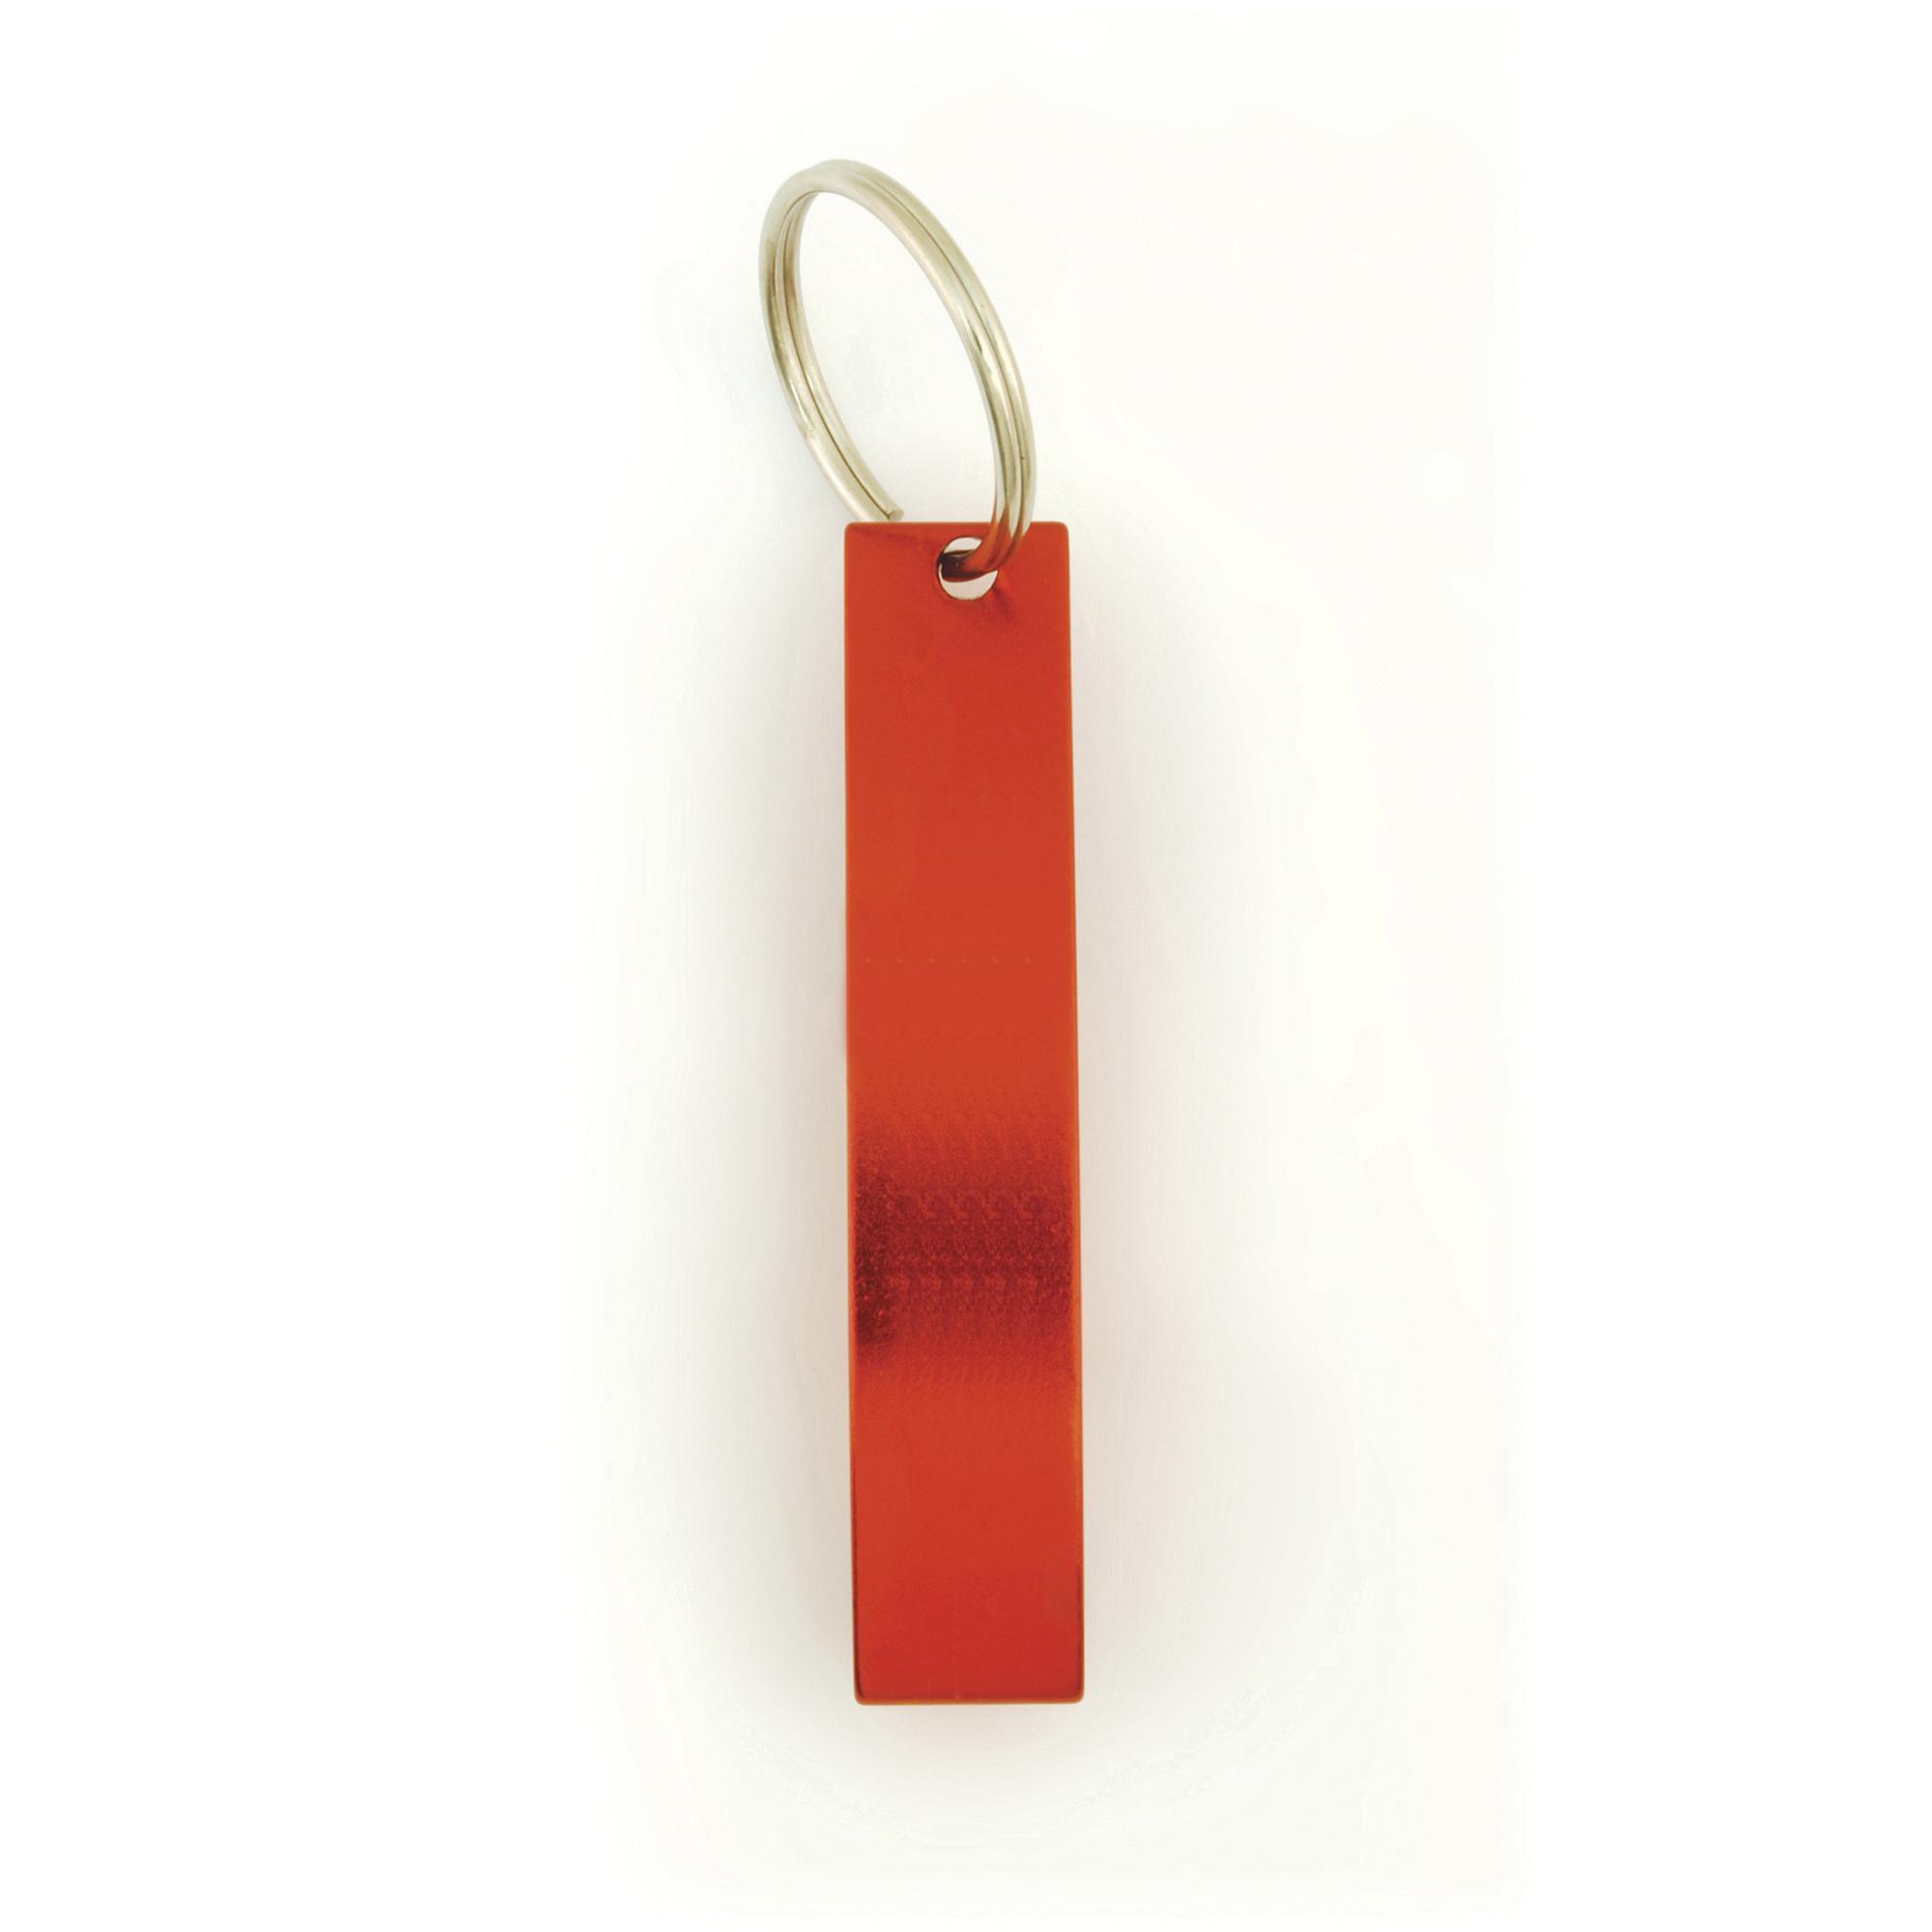 metal bottle opener keyring small pocket durable bottle opener keyring keycha. Black Bedroom Furniture Sets. Home Design Ideas